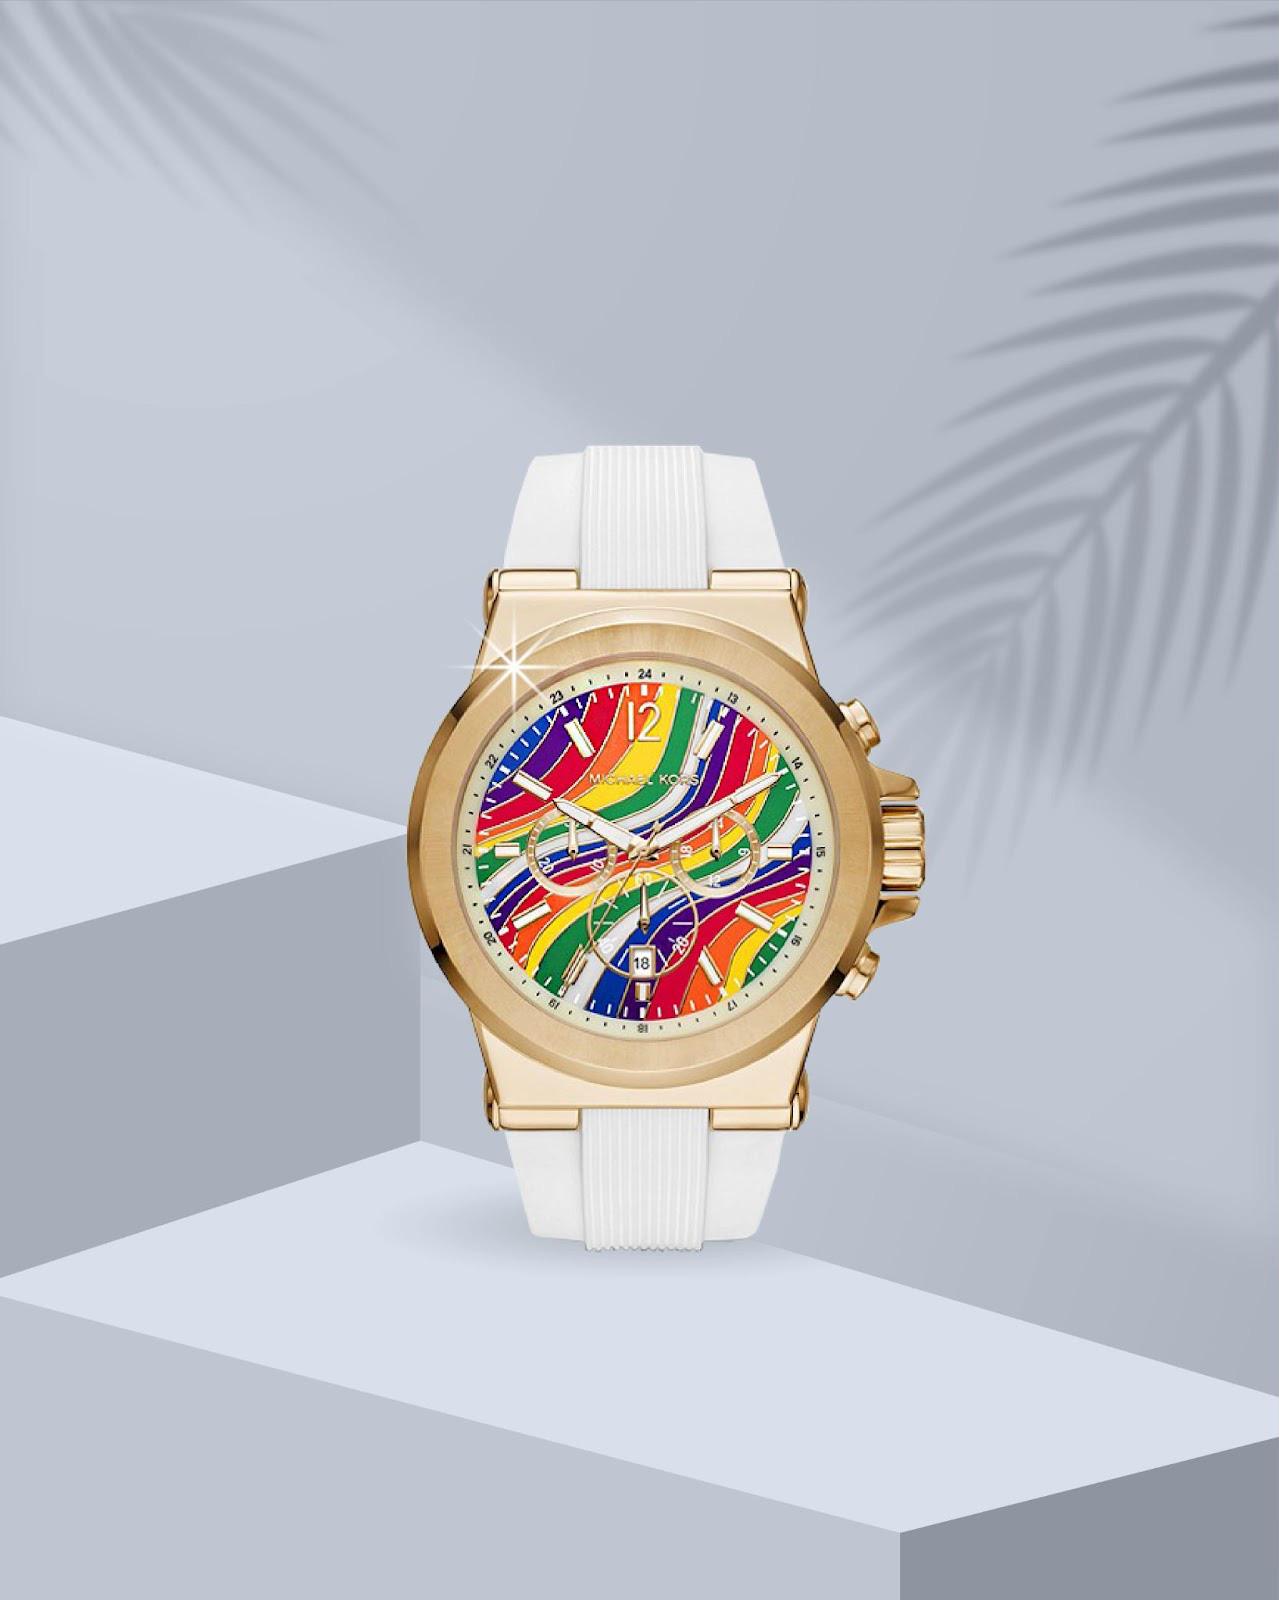 Top đồng hồ Michael Kors nữ mẫu mới vừa ra mắt gây sốt - Ảnh 3.